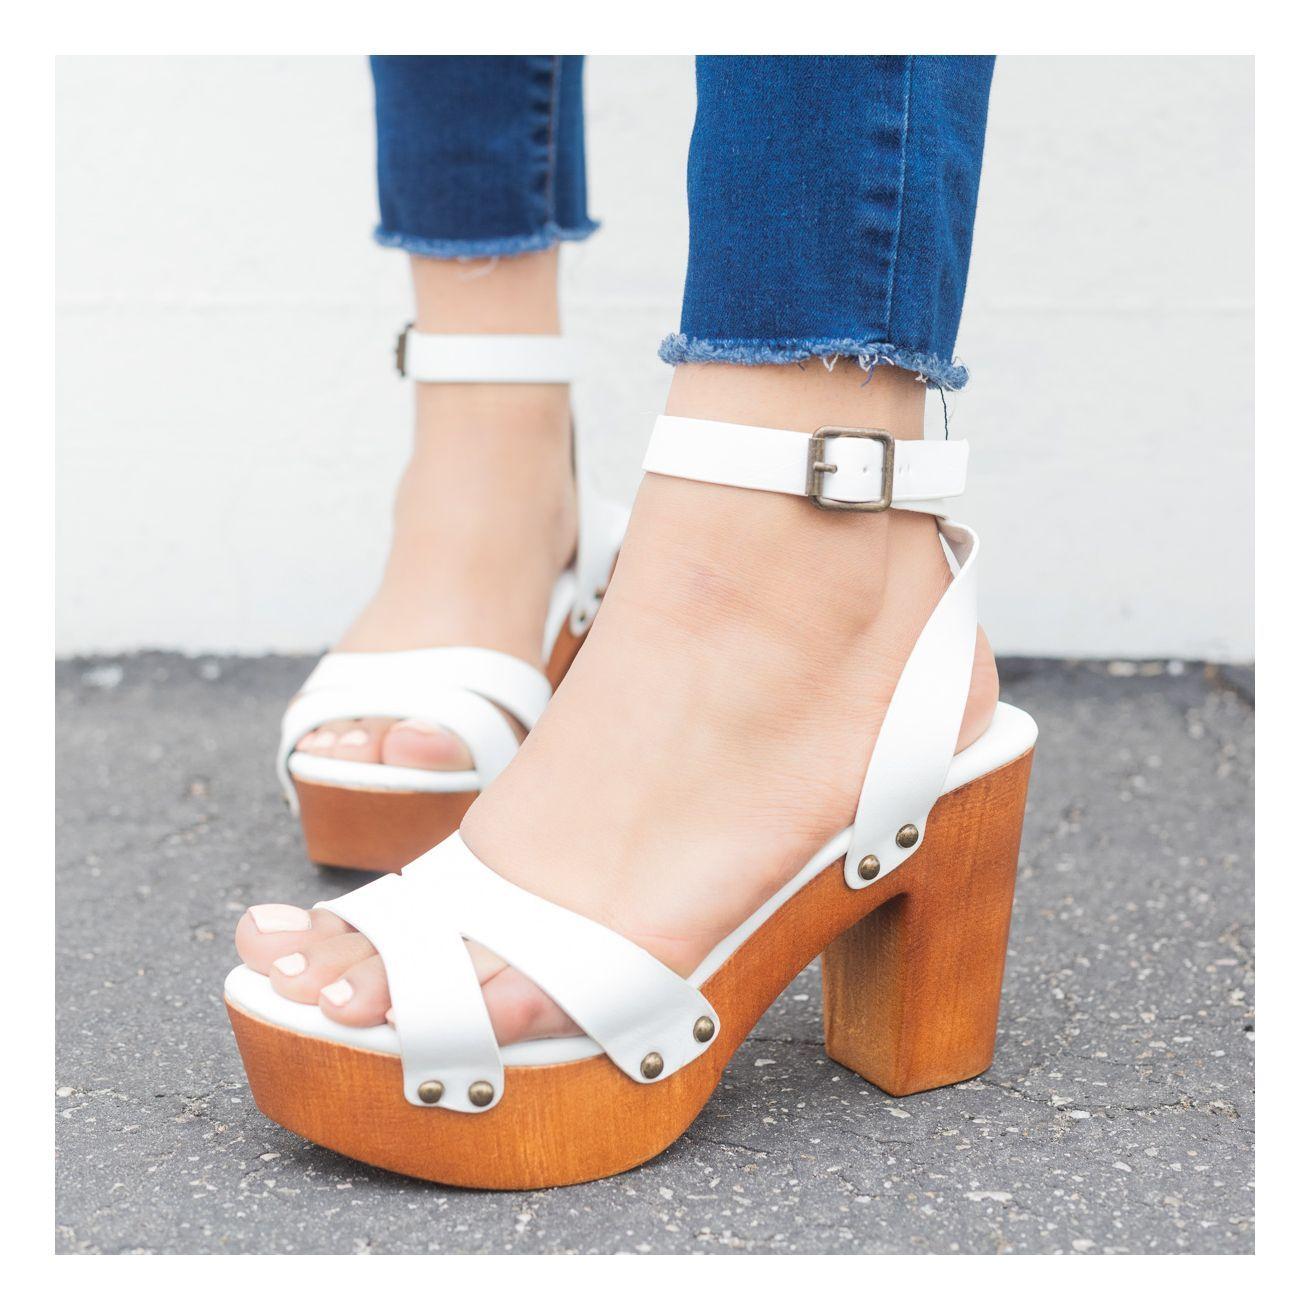 cc63376f7b86 Mini Studded Clog Heels